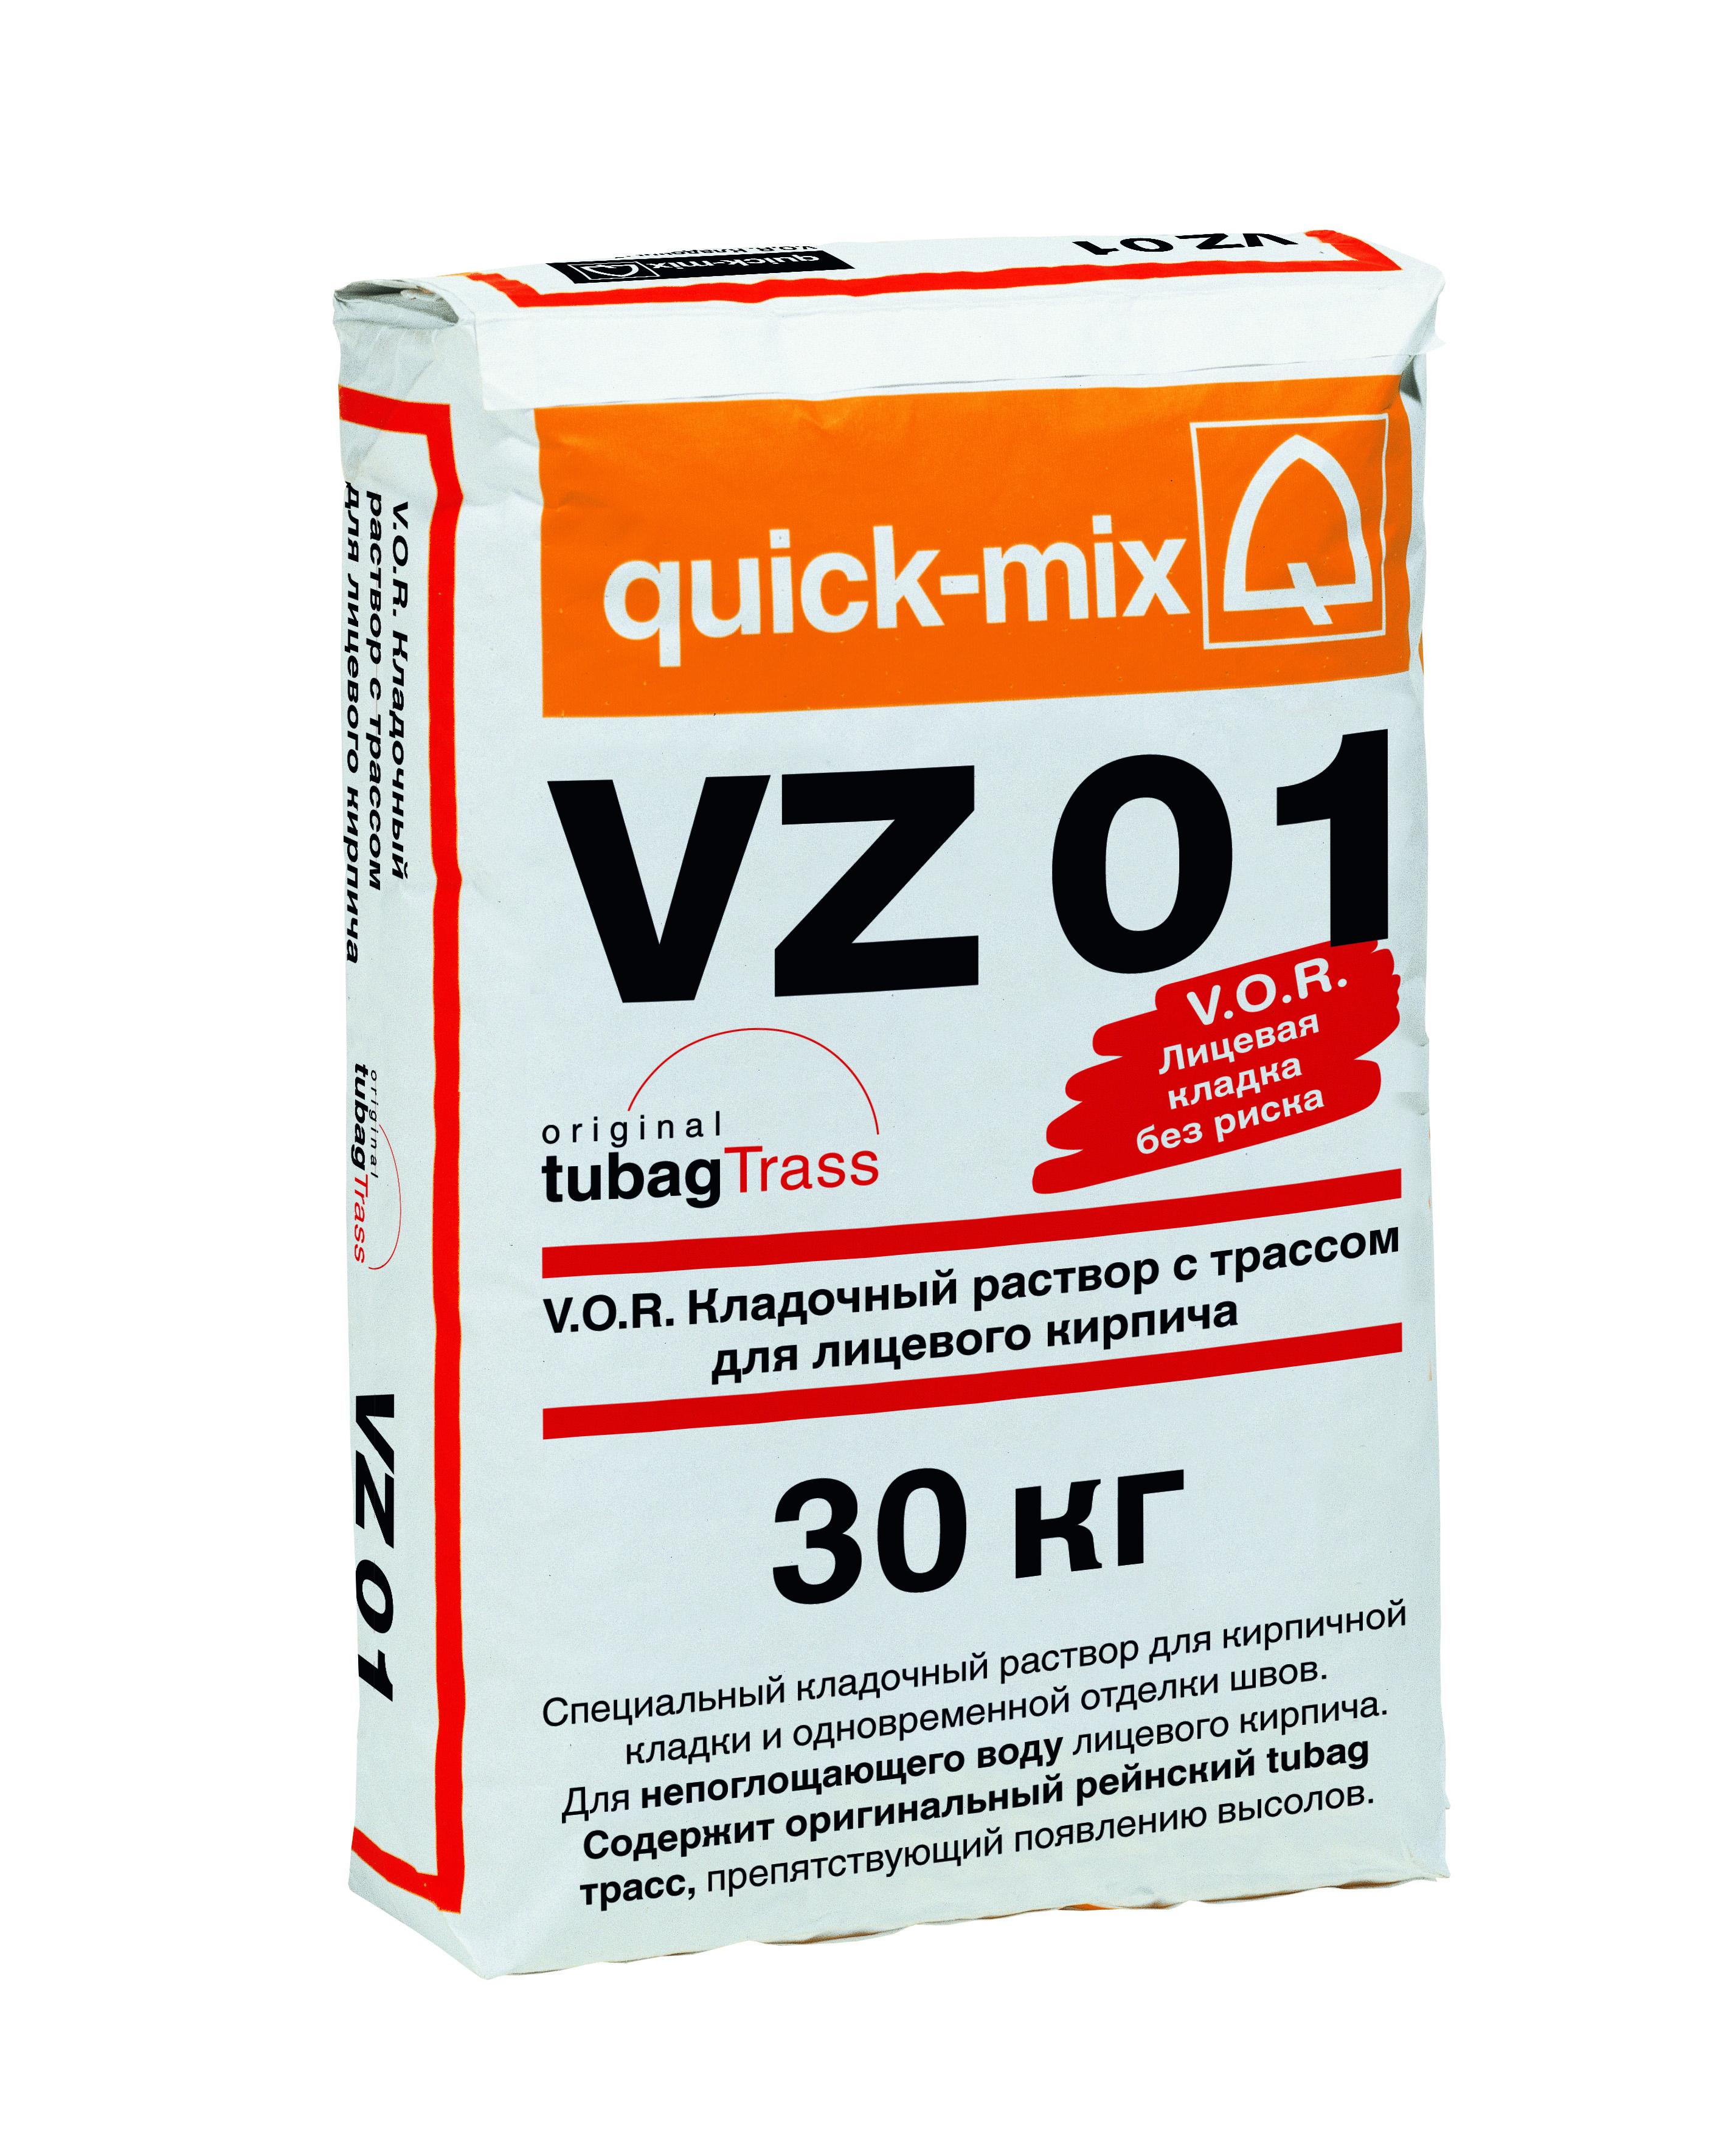 Кладочный раствор для лицевого кирпича, quick-mix V.O.R. VZ 01